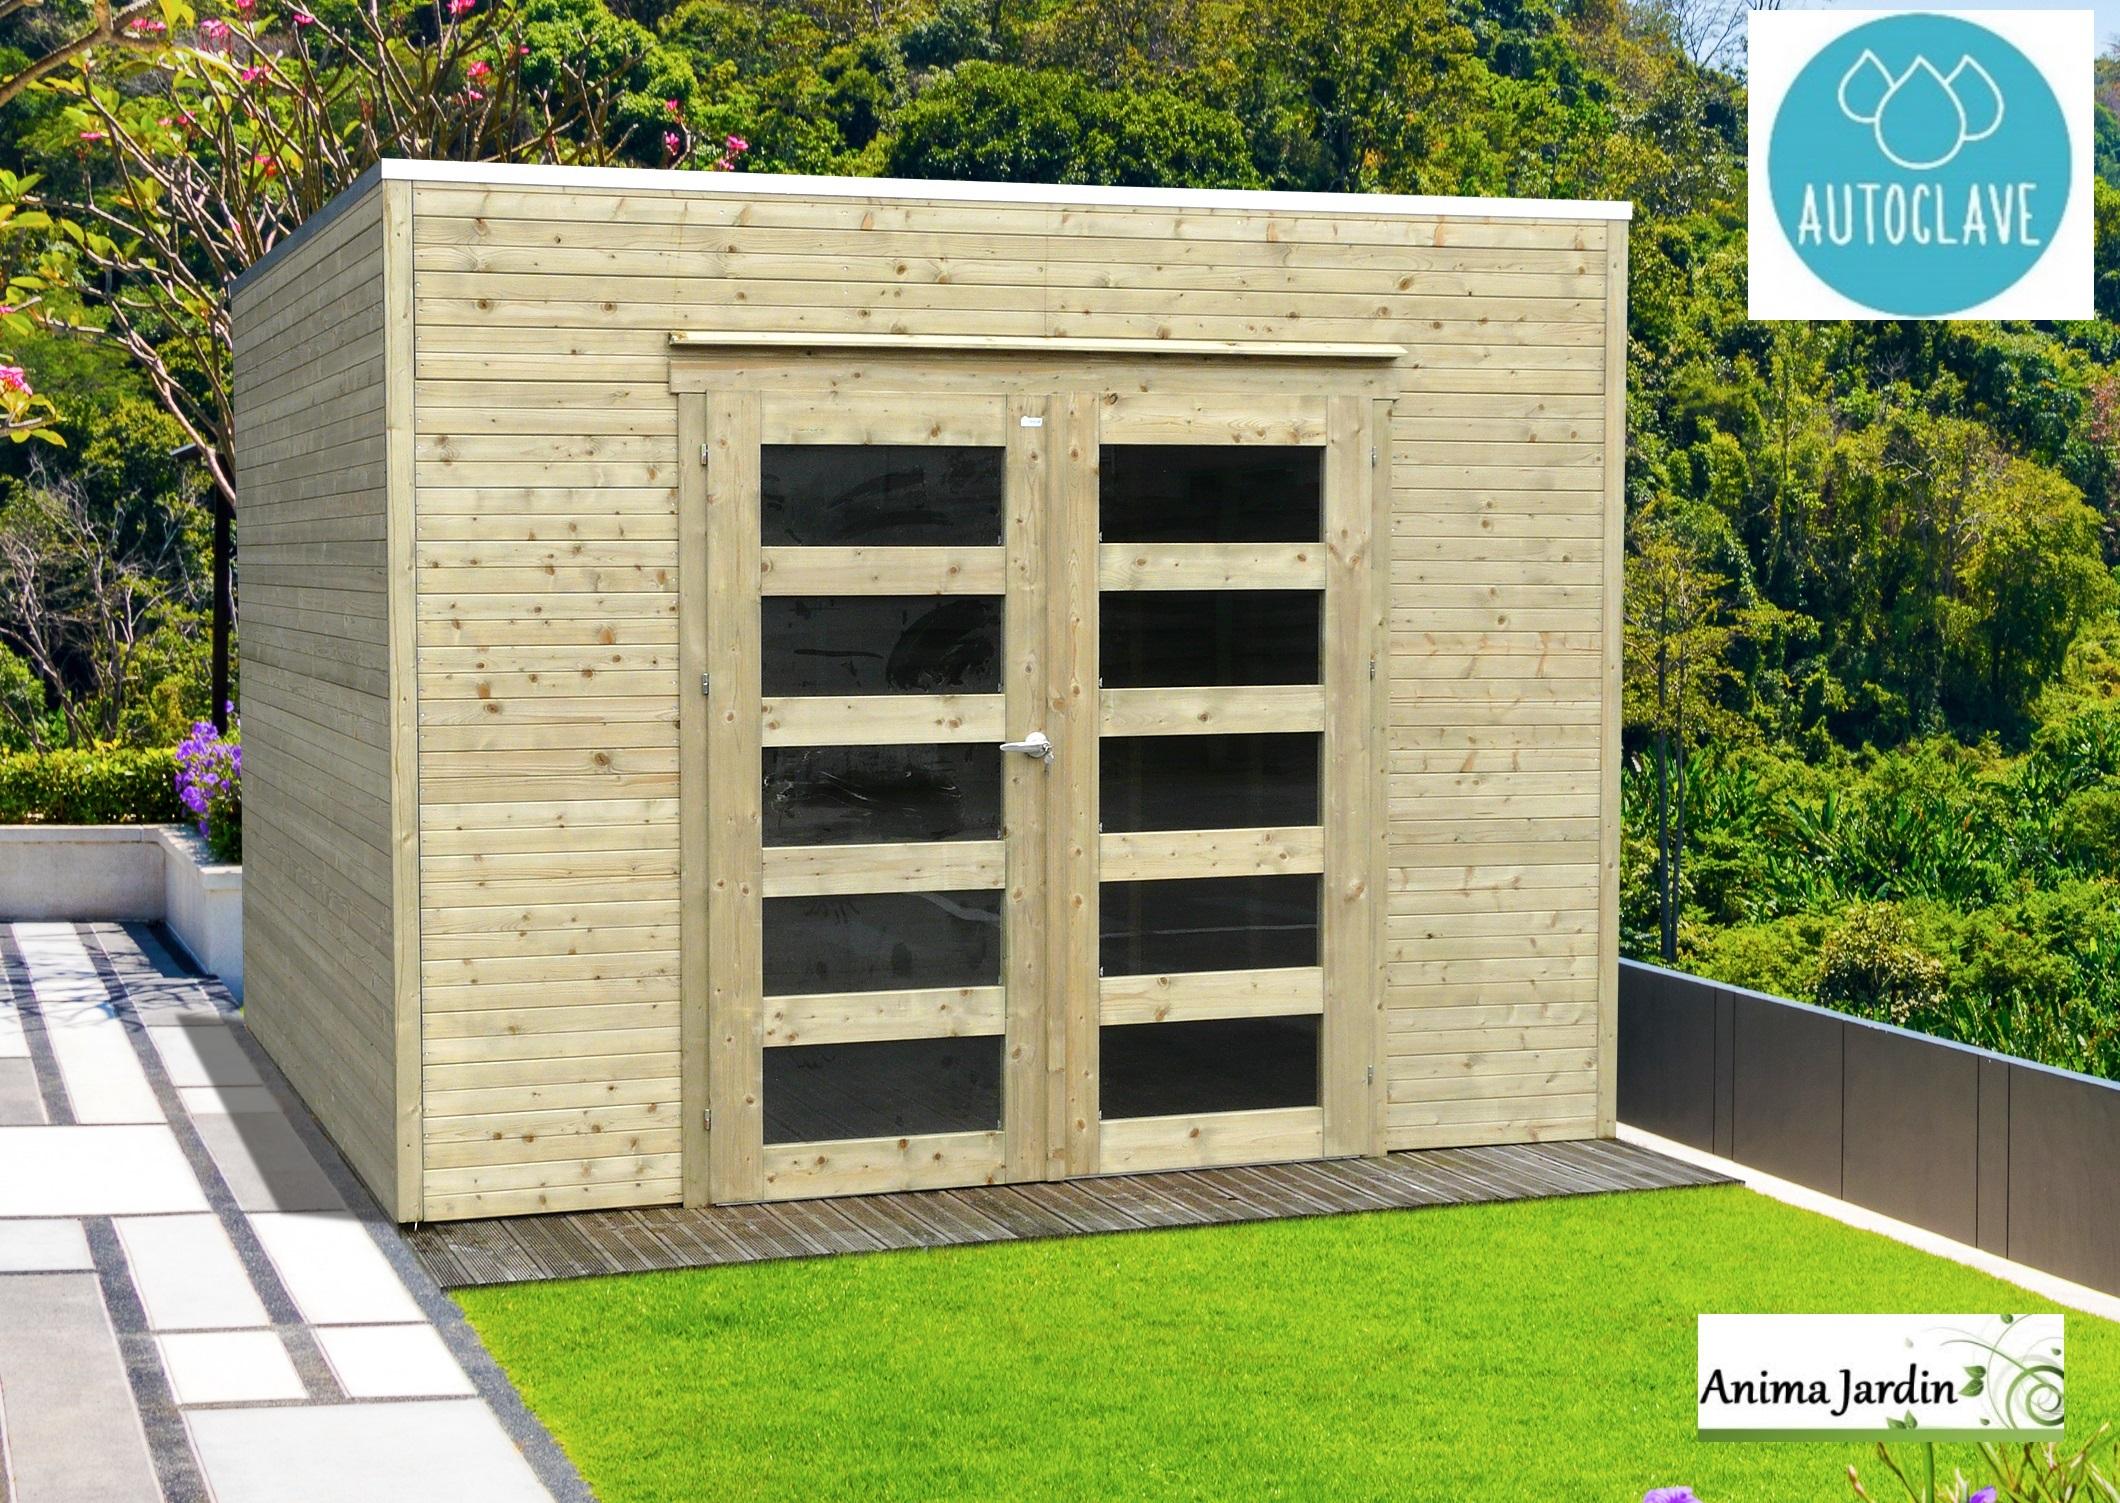 Abri De Jardin En Bois Autoclave 19Mm, Bari, 8M², Toit Plat ... encequiconcerne Abri De Jardin Solid